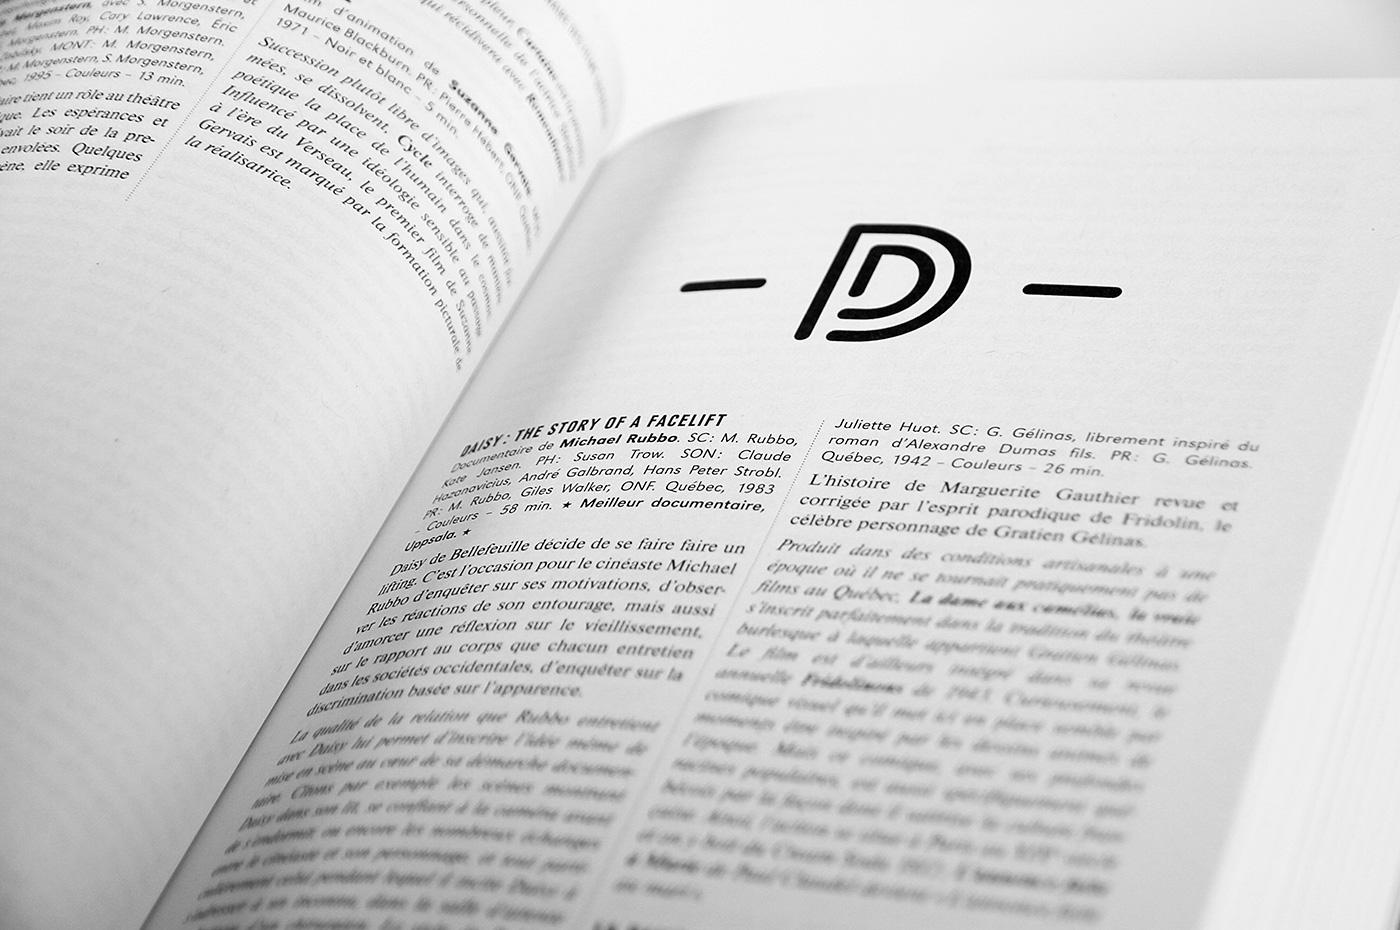 laferriere_sommetoute_dictionnaire_06